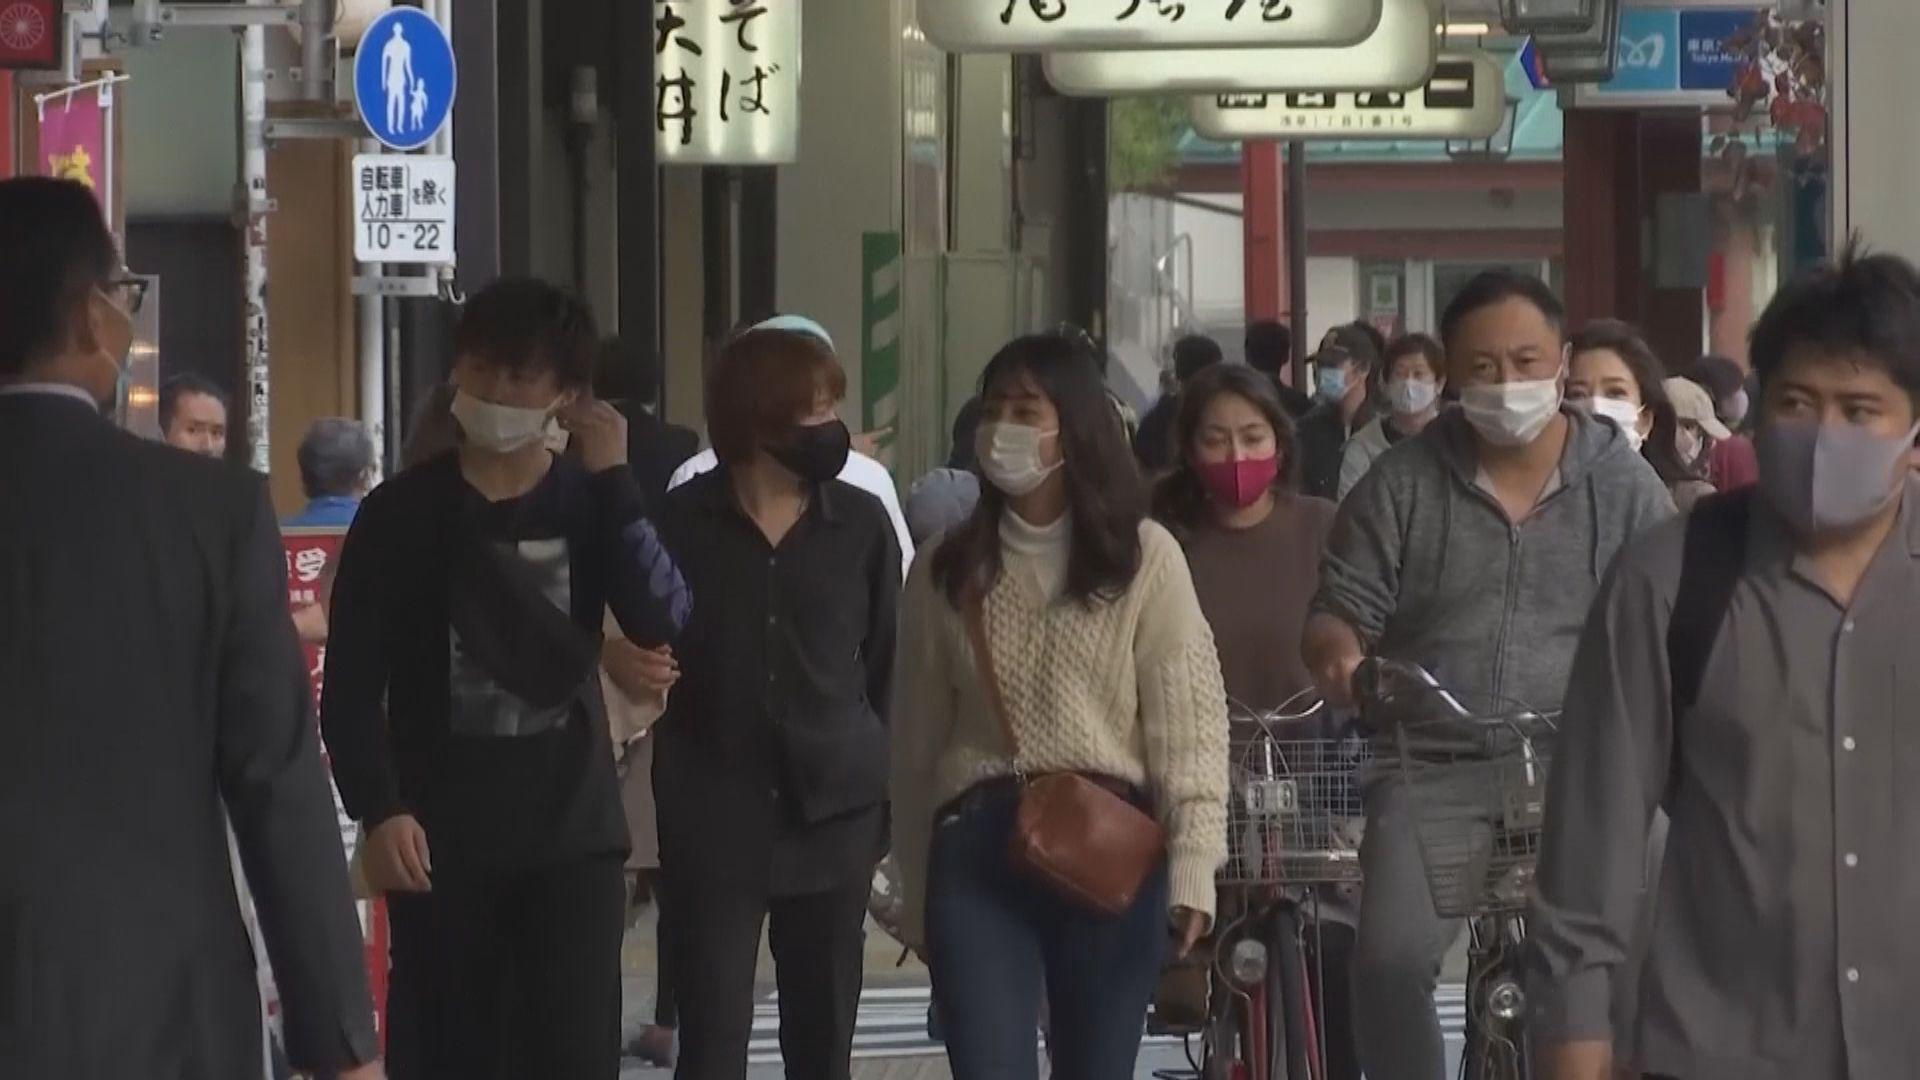 東京都單日逾500人確診 當局憂疫情惡化